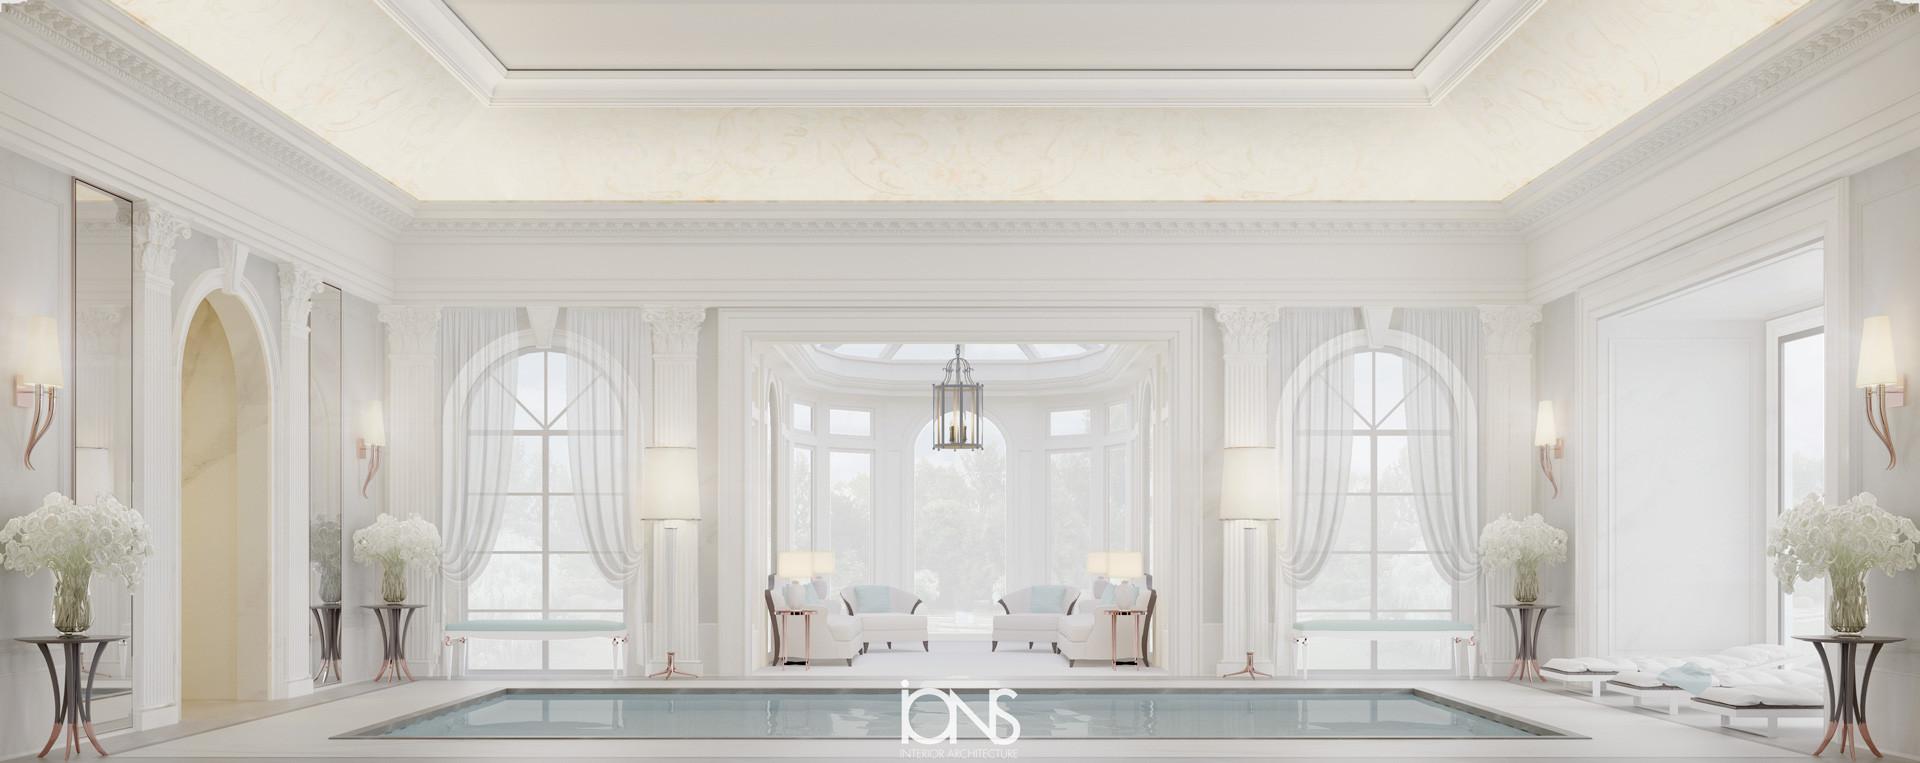 Best swiming pool interior design Dubai villa